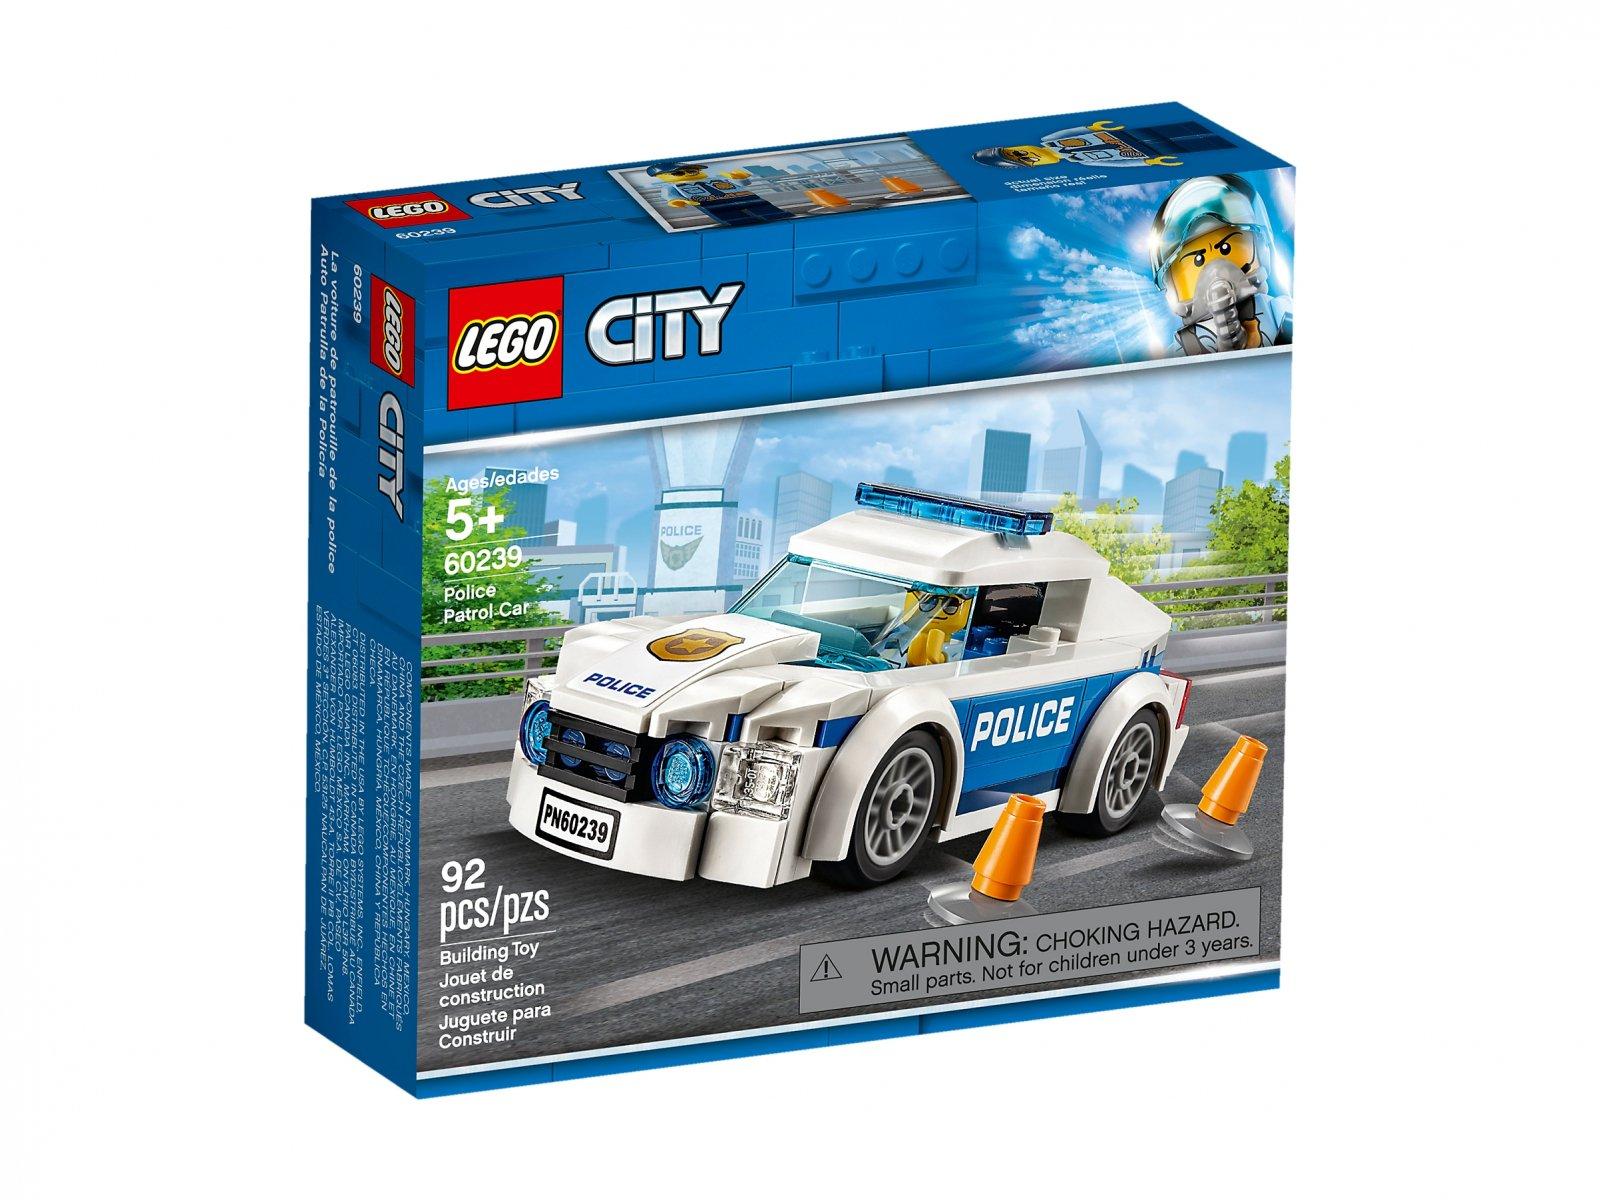 LEGO City Samochód policyjny 60239